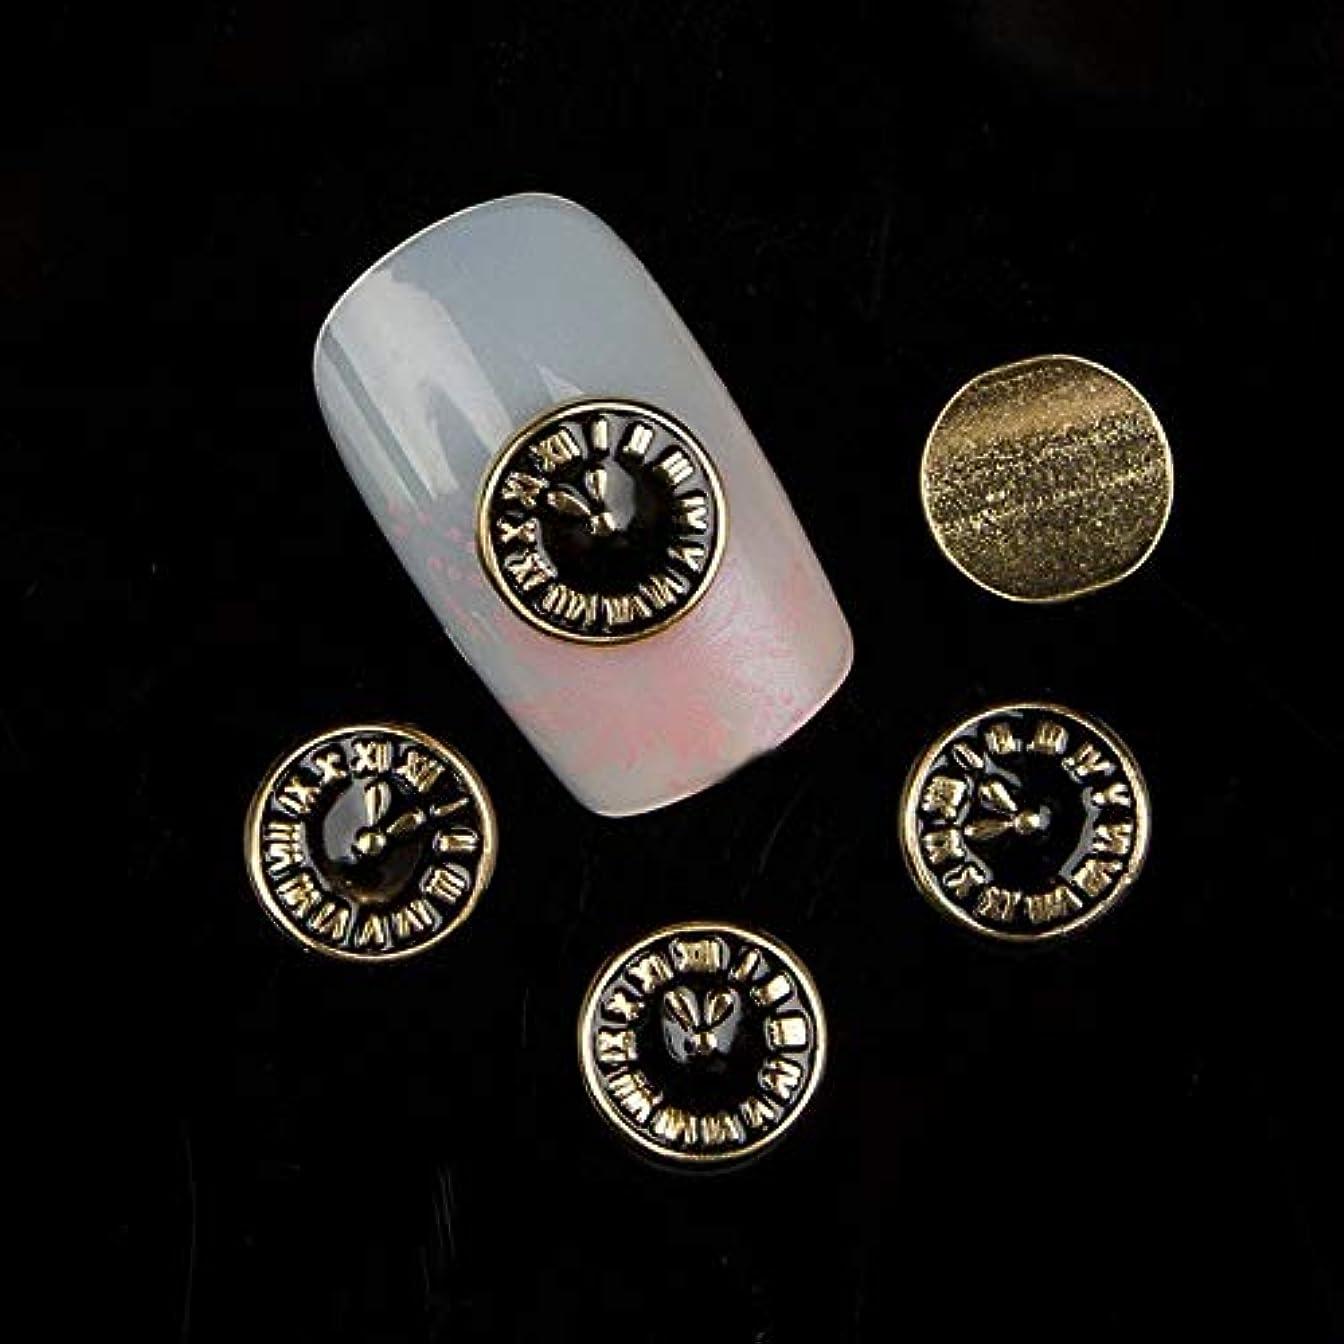 クライストチャーチ不承認ミキサー10個入り/ロットゴールドブラックネイル合金スタッド3Dメタル時計ネイルアートの装飾マニキュアデザイン